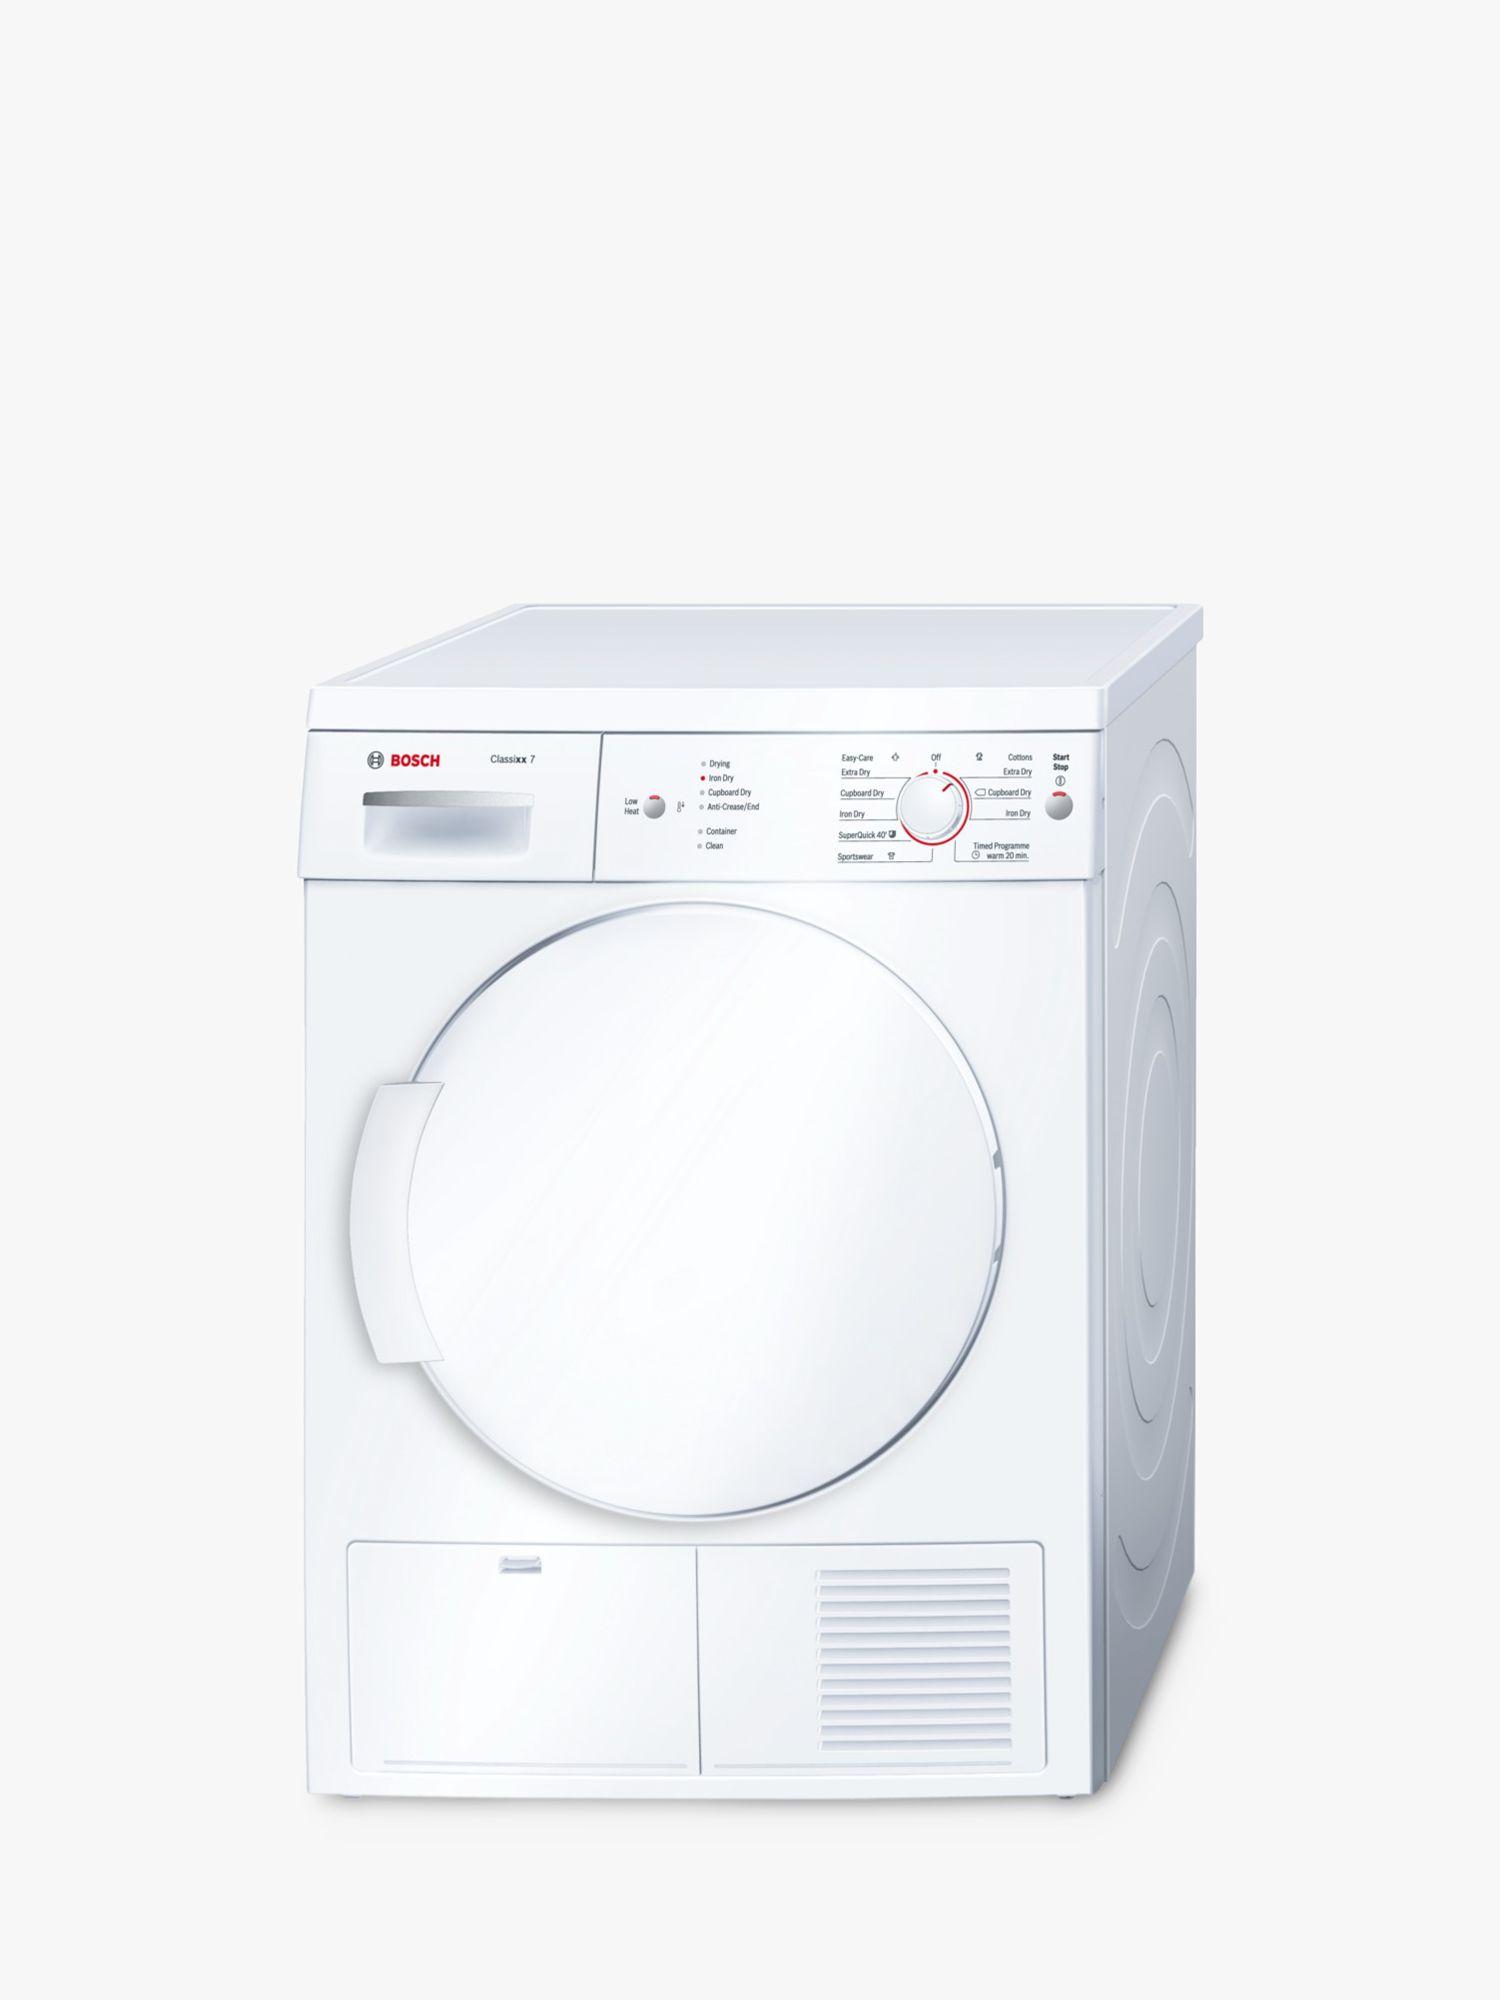 bosch classixx wte84106gb sensor condenser tumble dryer 7kg load b Maytag Washing Machine Wiring Diagrams buybosch classixx wte84106gb sensor condenser tumble dryer 7kg load b energy rating white